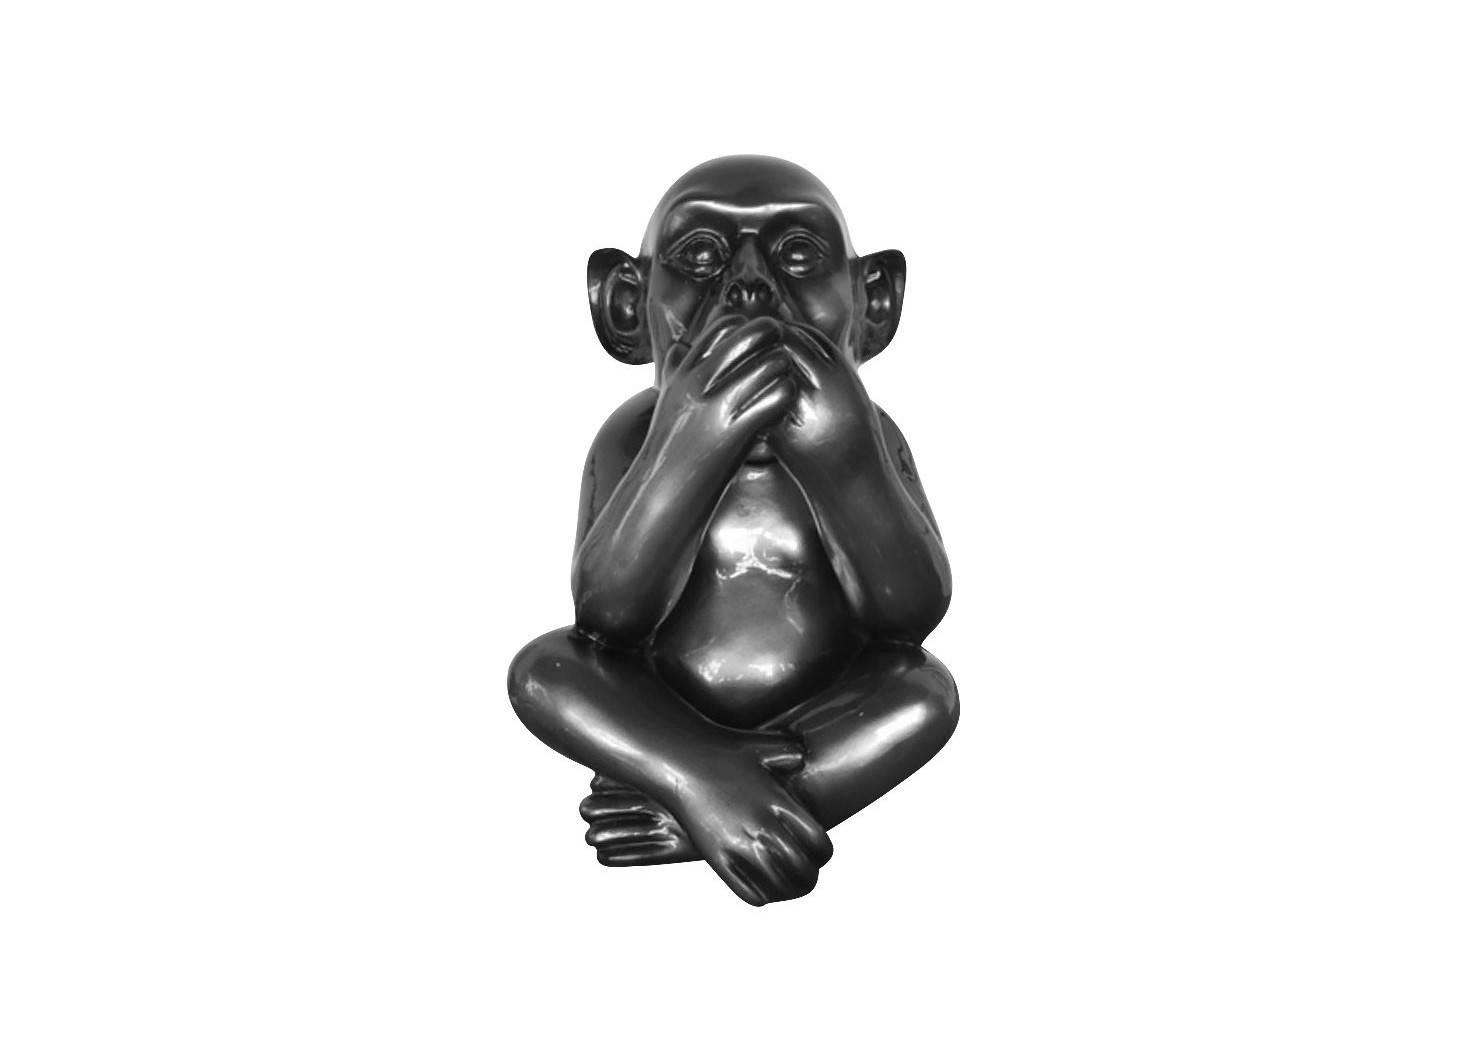 Iwazaru wise monkey statue